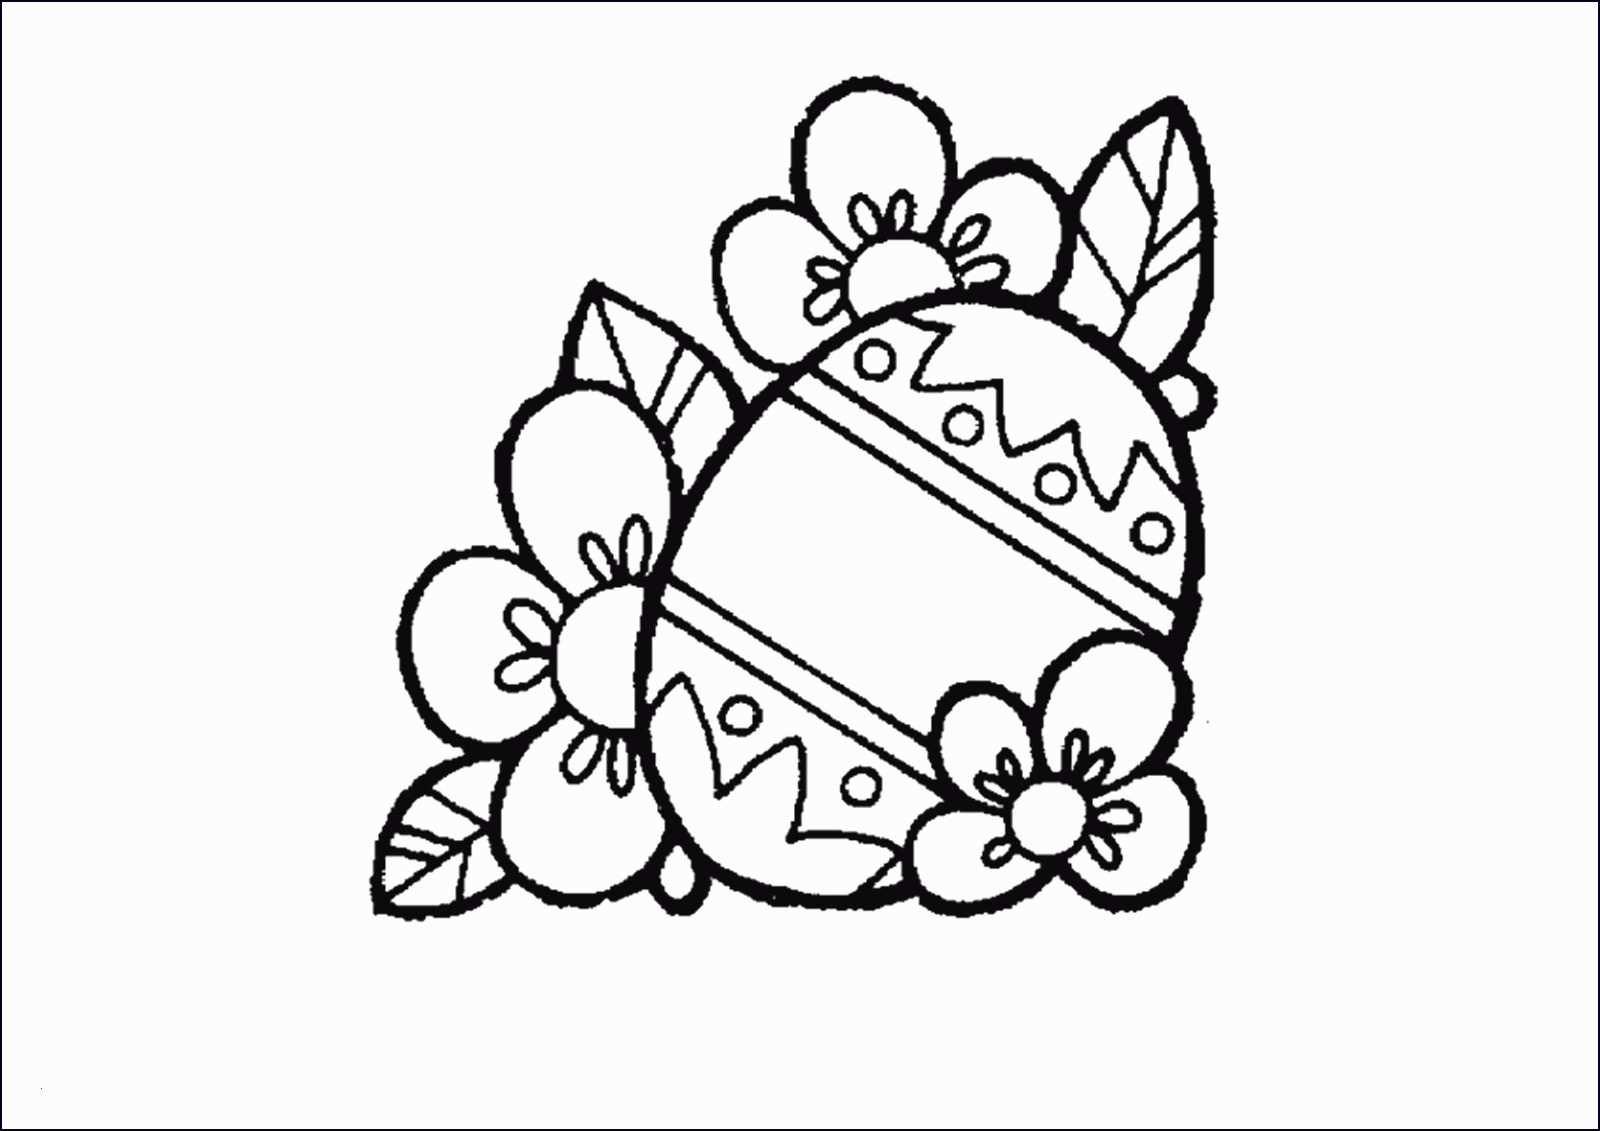 Ausmalbilder Ostern Hase Genial Hase Malen Vorlage Fotos Malvorlagen Igel Best Igel Grundschule 0d Sammlung